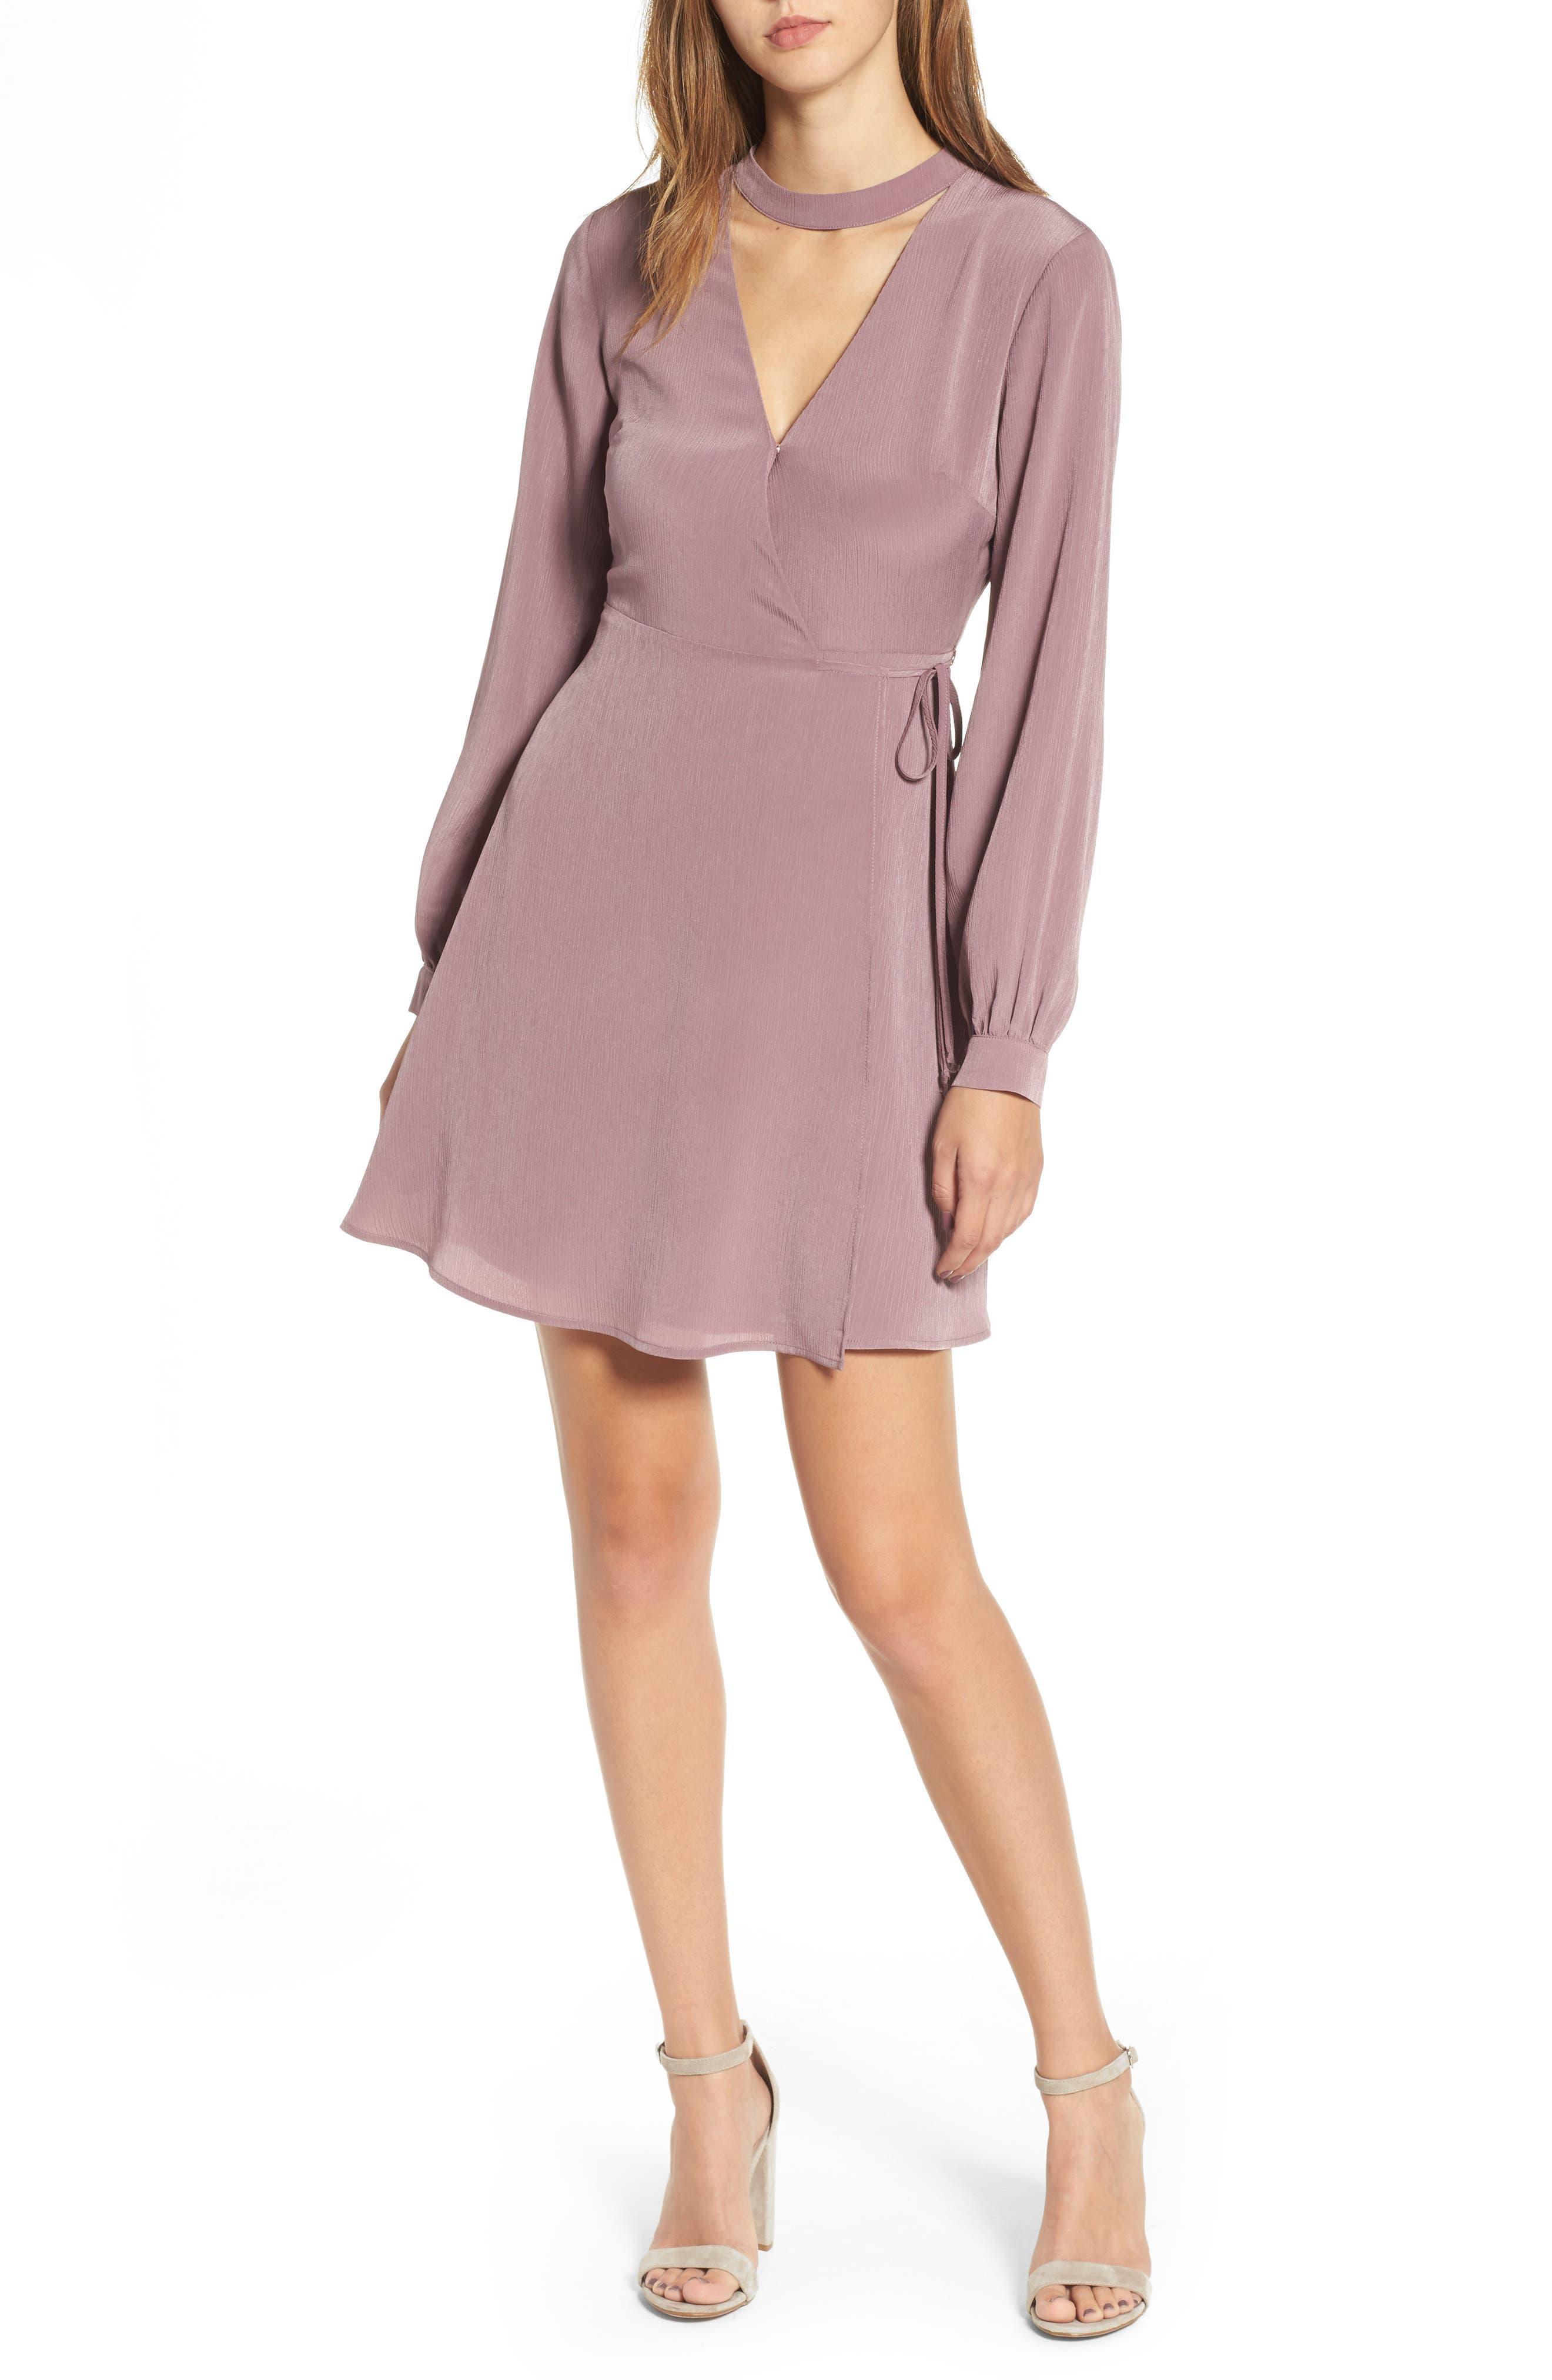 Main Image - Choker Neck Wrap Dress